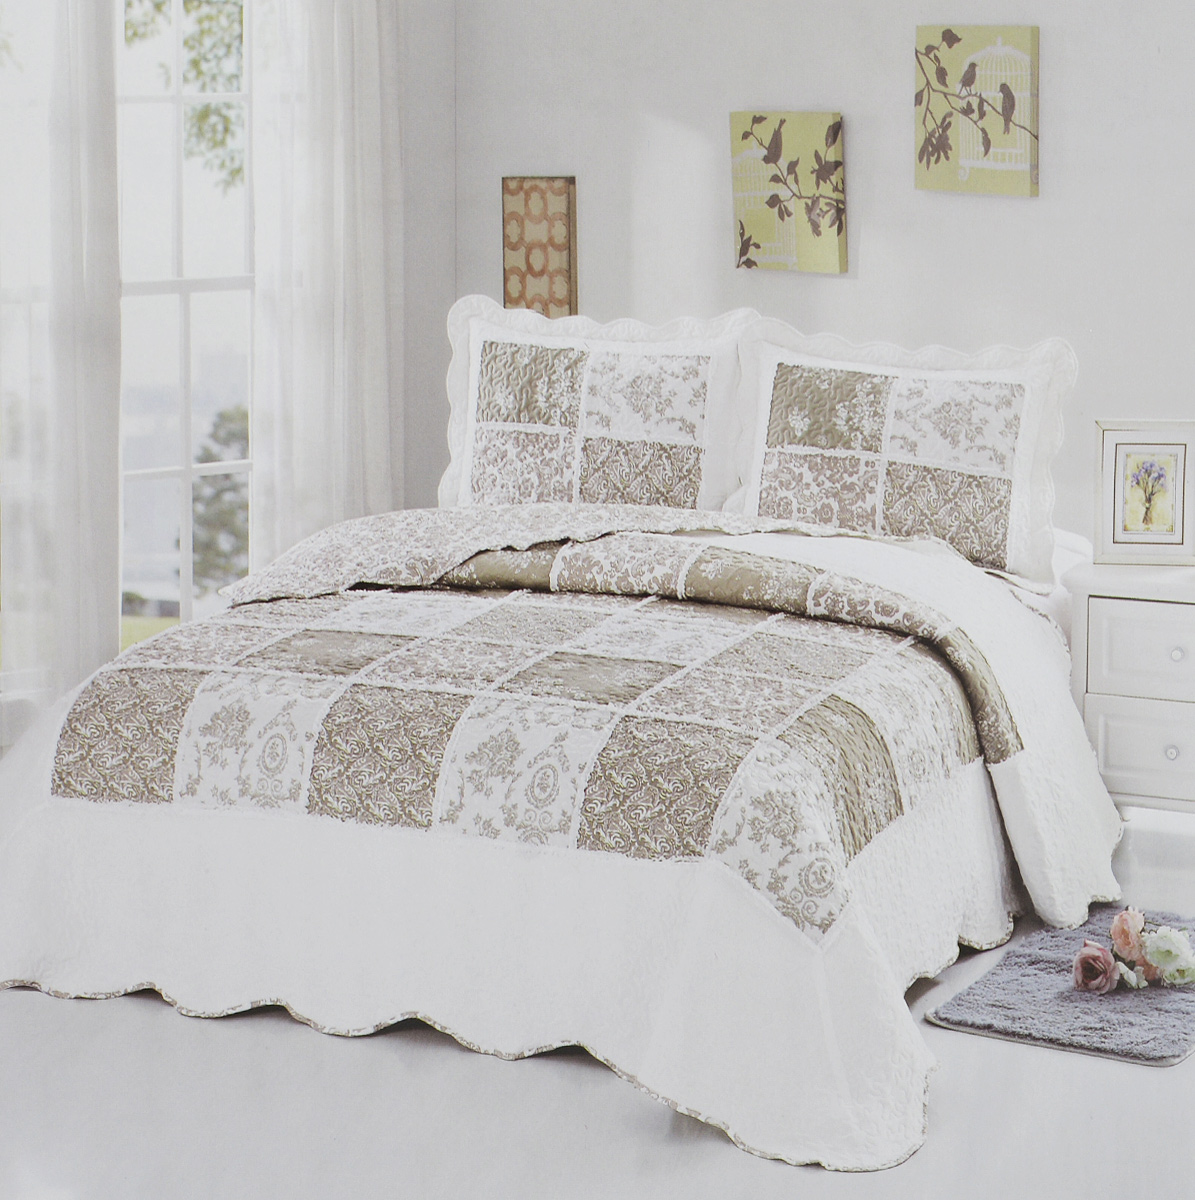 Комплект для спальни Karna Modalin. Пэчворк: покрывало 230 х 250 см, 2 наволочки 50 х 70 см, цвет: белый, светло-коричневыйS03301004Изысканный комплект Karna Modalin. Пэчворк прекрасно оформит интерьерспальни или гостиной. Комплект состоит из двухстороннего покрывала и двух наволочек.Изделия изготовлены из микрофибры.Постельные комплекты Karna уникальны, так как онипрактичны и универсальны в использовании.Материал хорошо сохраняет окраску и форму.Изделиядолговечны, надежны и легко стираются.Комплект Karna не только подарит тепло,но и гармонично впишется в интерьер вашего дома.Размер покрывала: 230 х 250 см. Размер наволочки: 50 х 70 см.